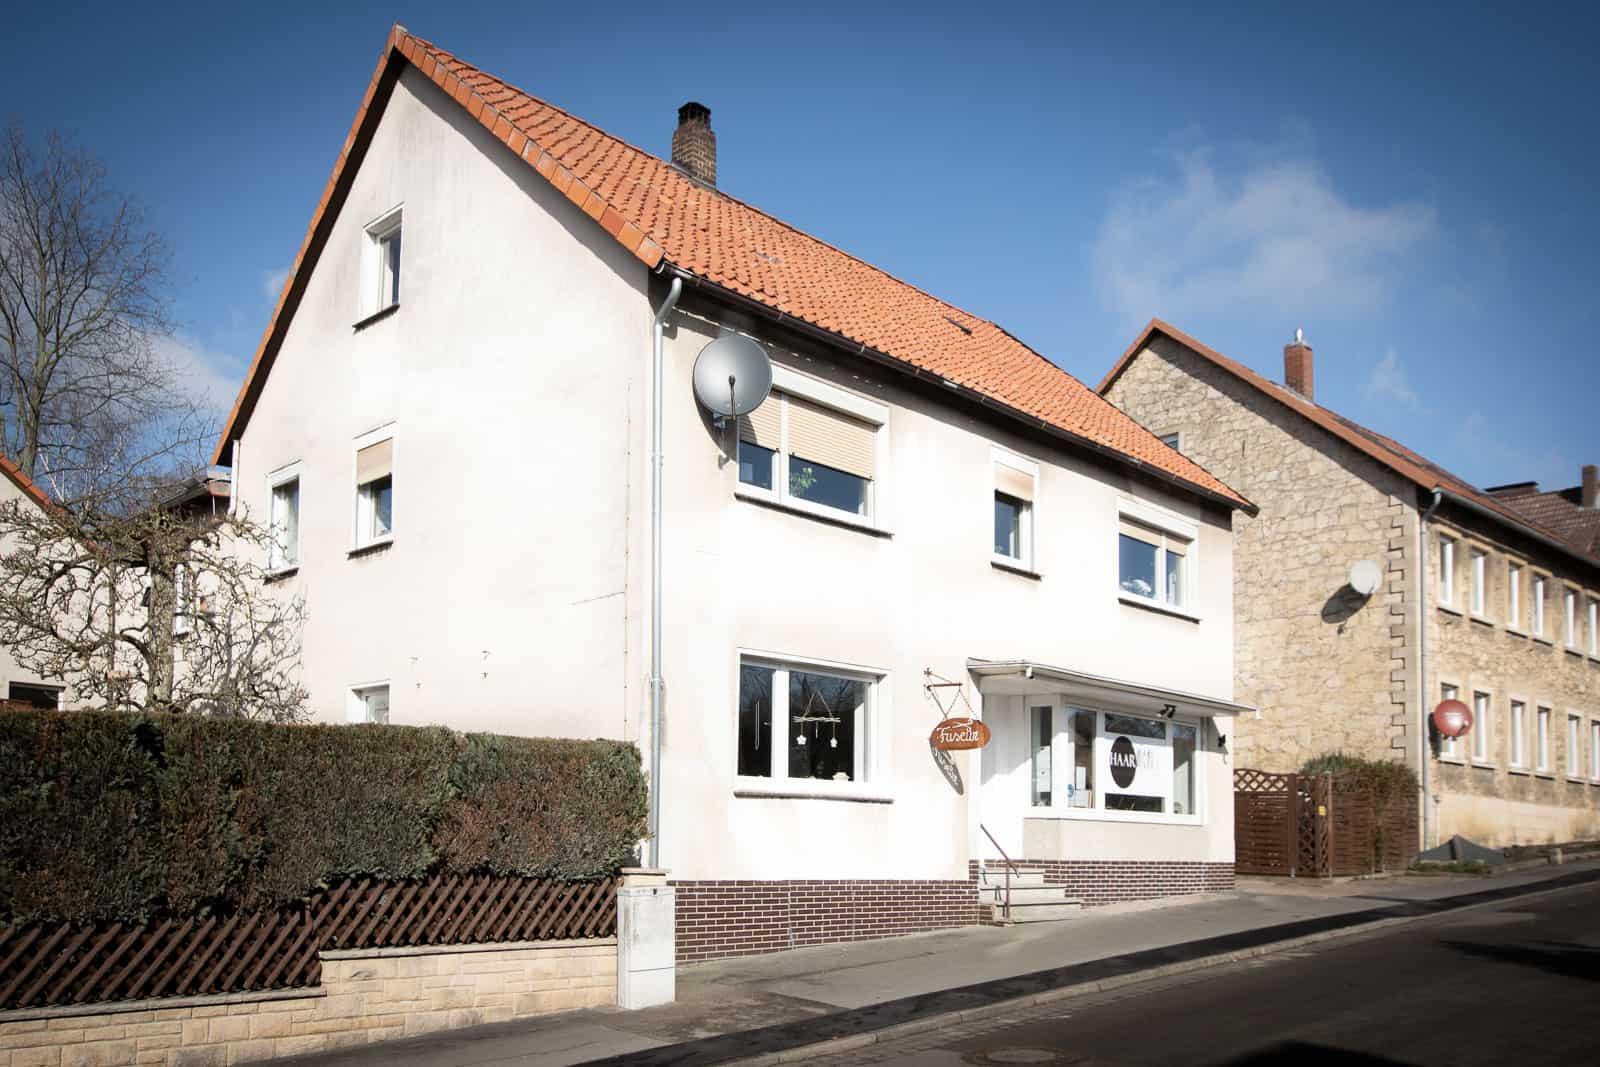 UPDATE: Eigenheim mit Nutzungsoptionen